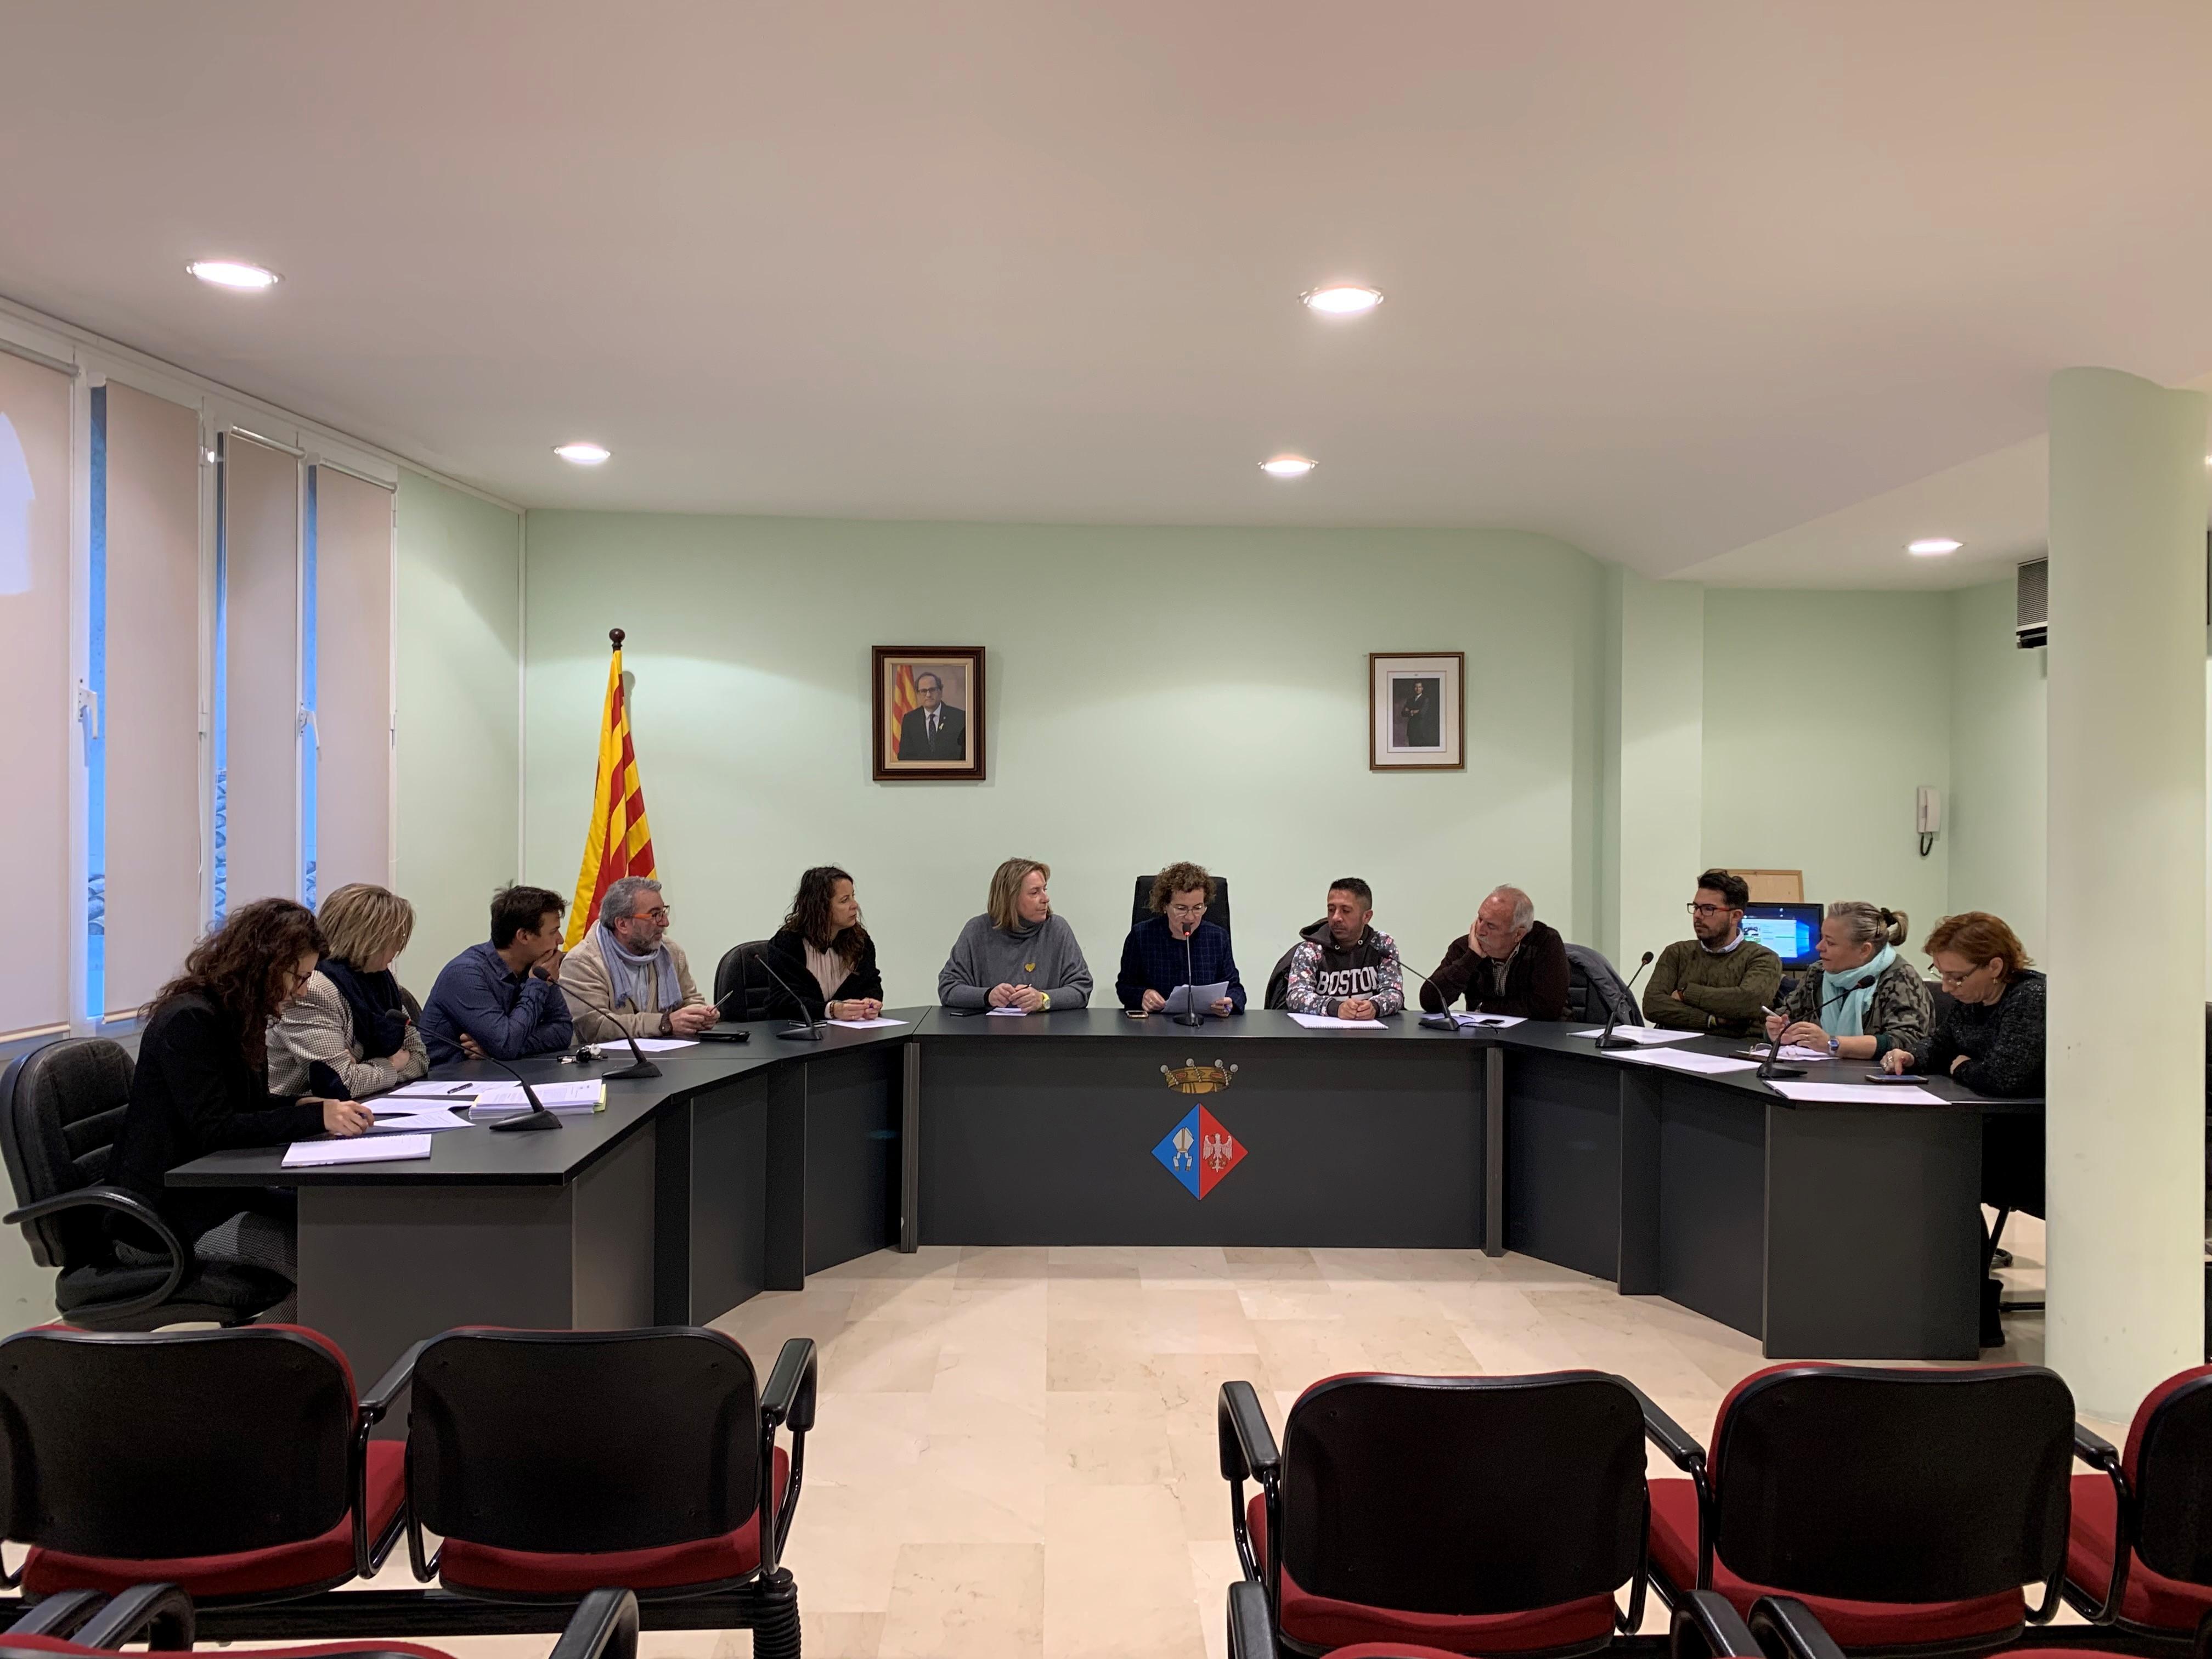 El Ple ha aprovat per unanimitat la no acceptació de la modificació de tarifes del servei d'abastament d'aigua potable proposada per Aqualia